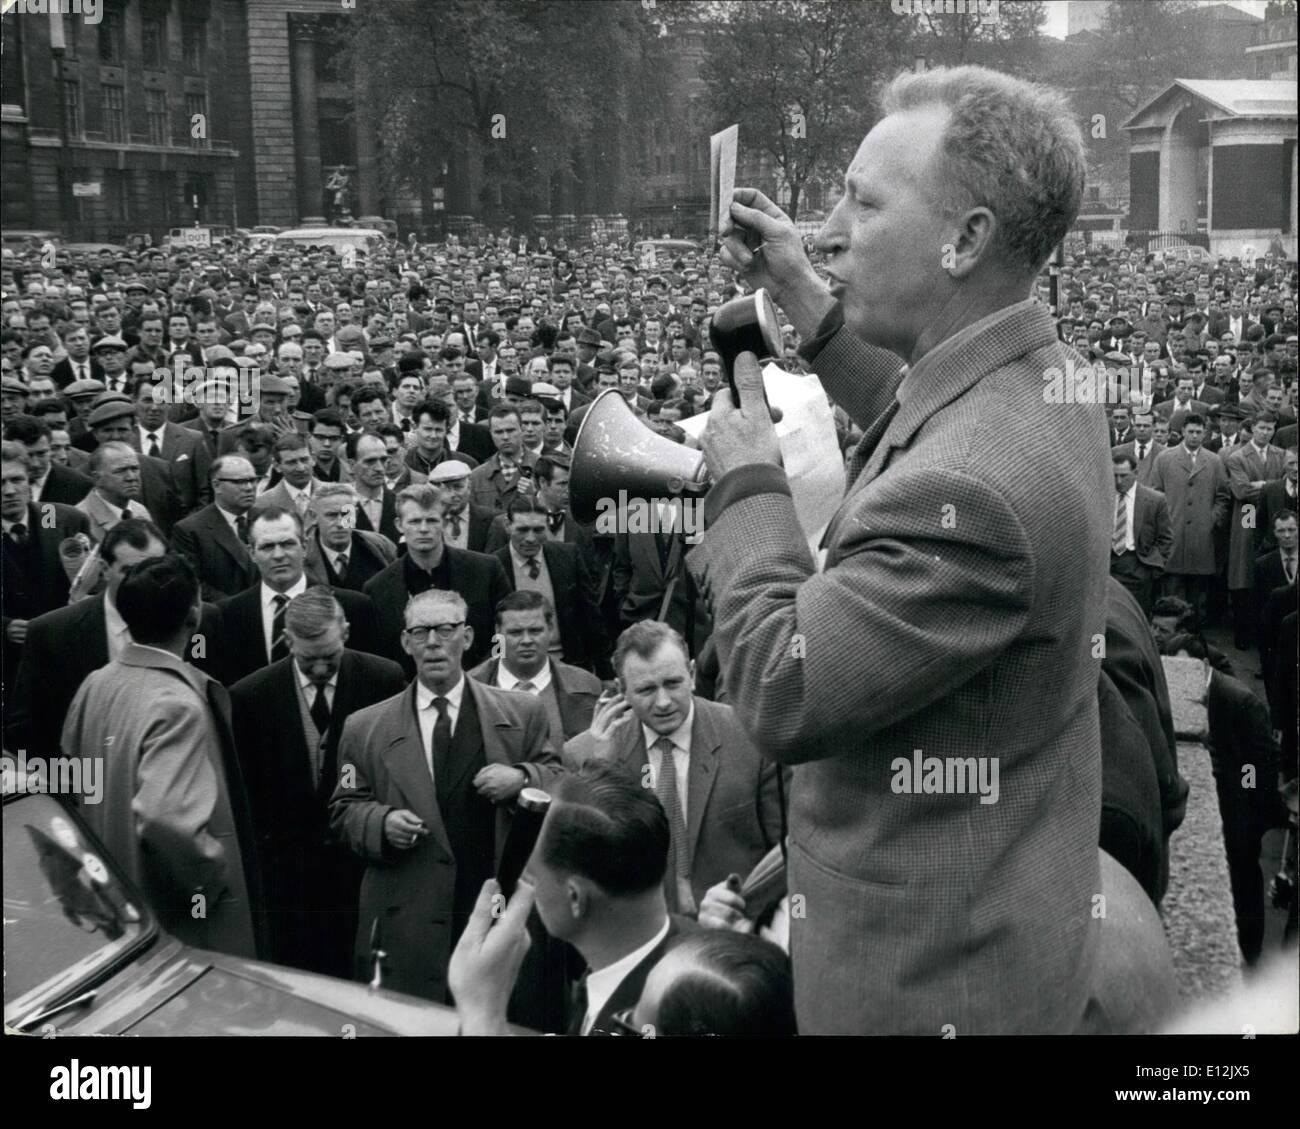 Feb. 24, 2012 - Jack Dash Communist Dock leader. - Stock Image